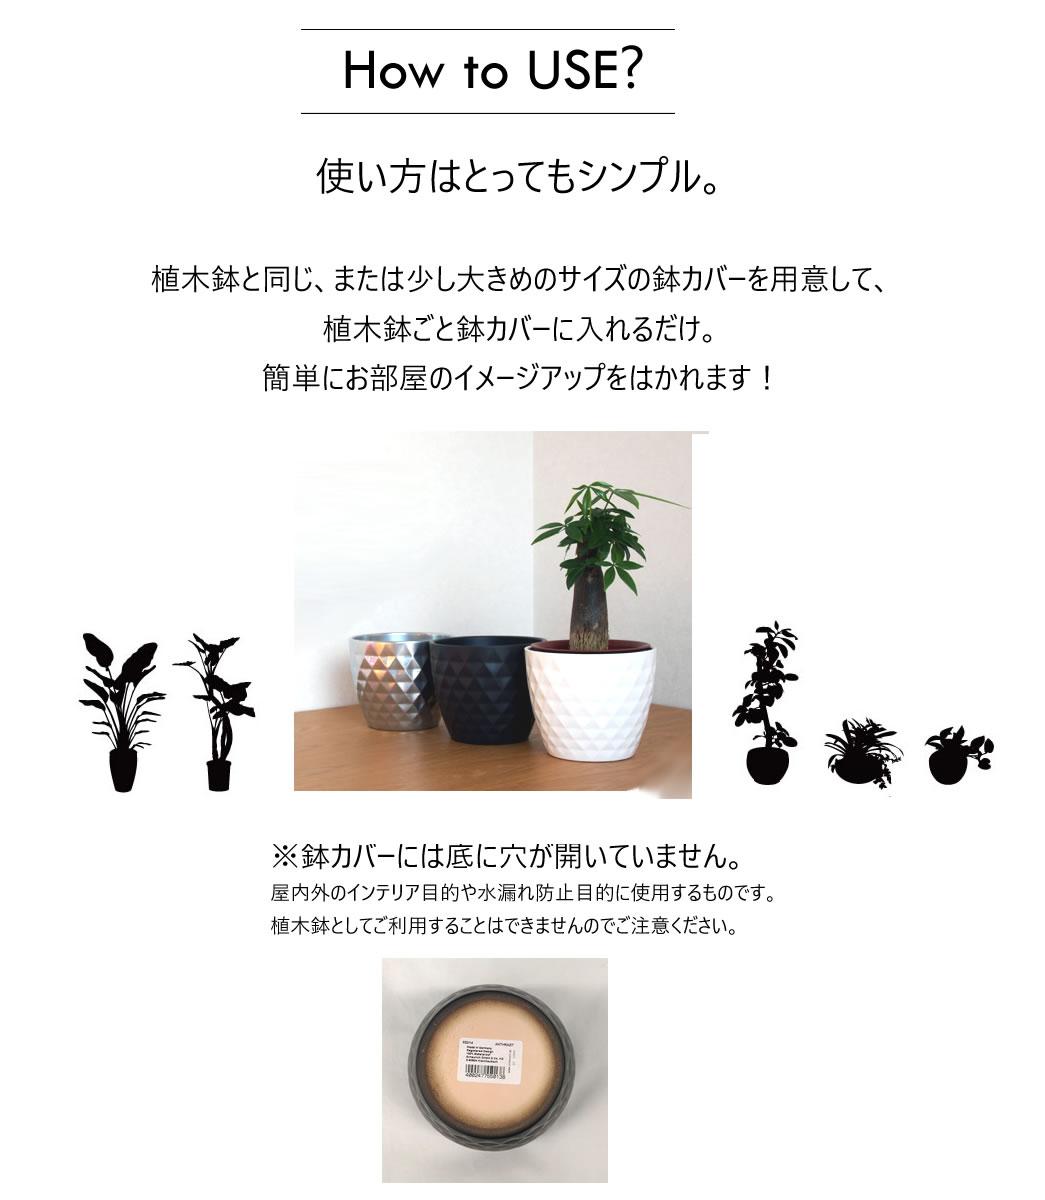 鉢カバーの使い方:鉢植えを入れるだけでイメージチェンジ!